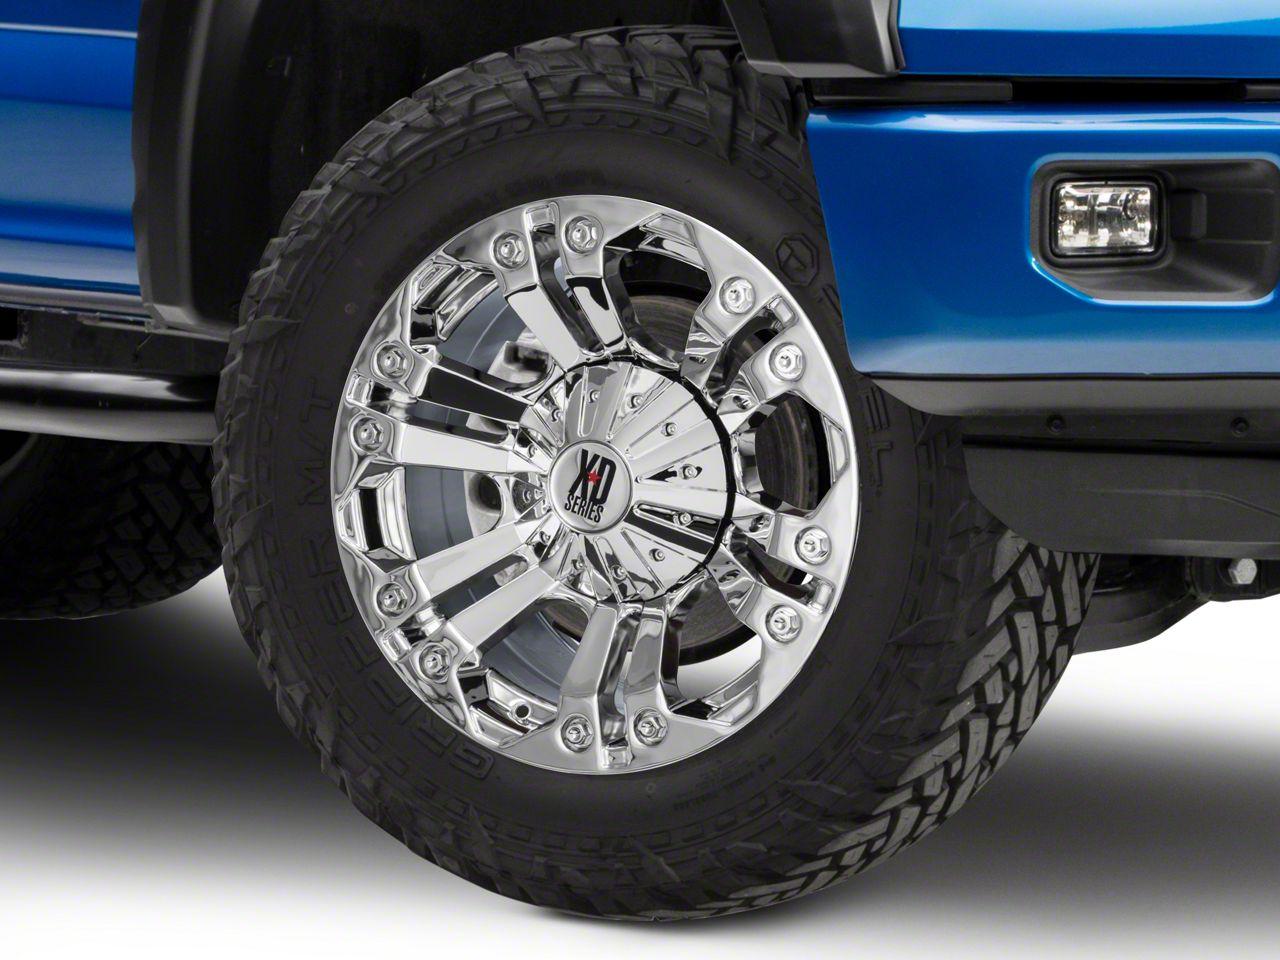 xd f 150 wheels americantrucks 1994 Ford F-150 xd